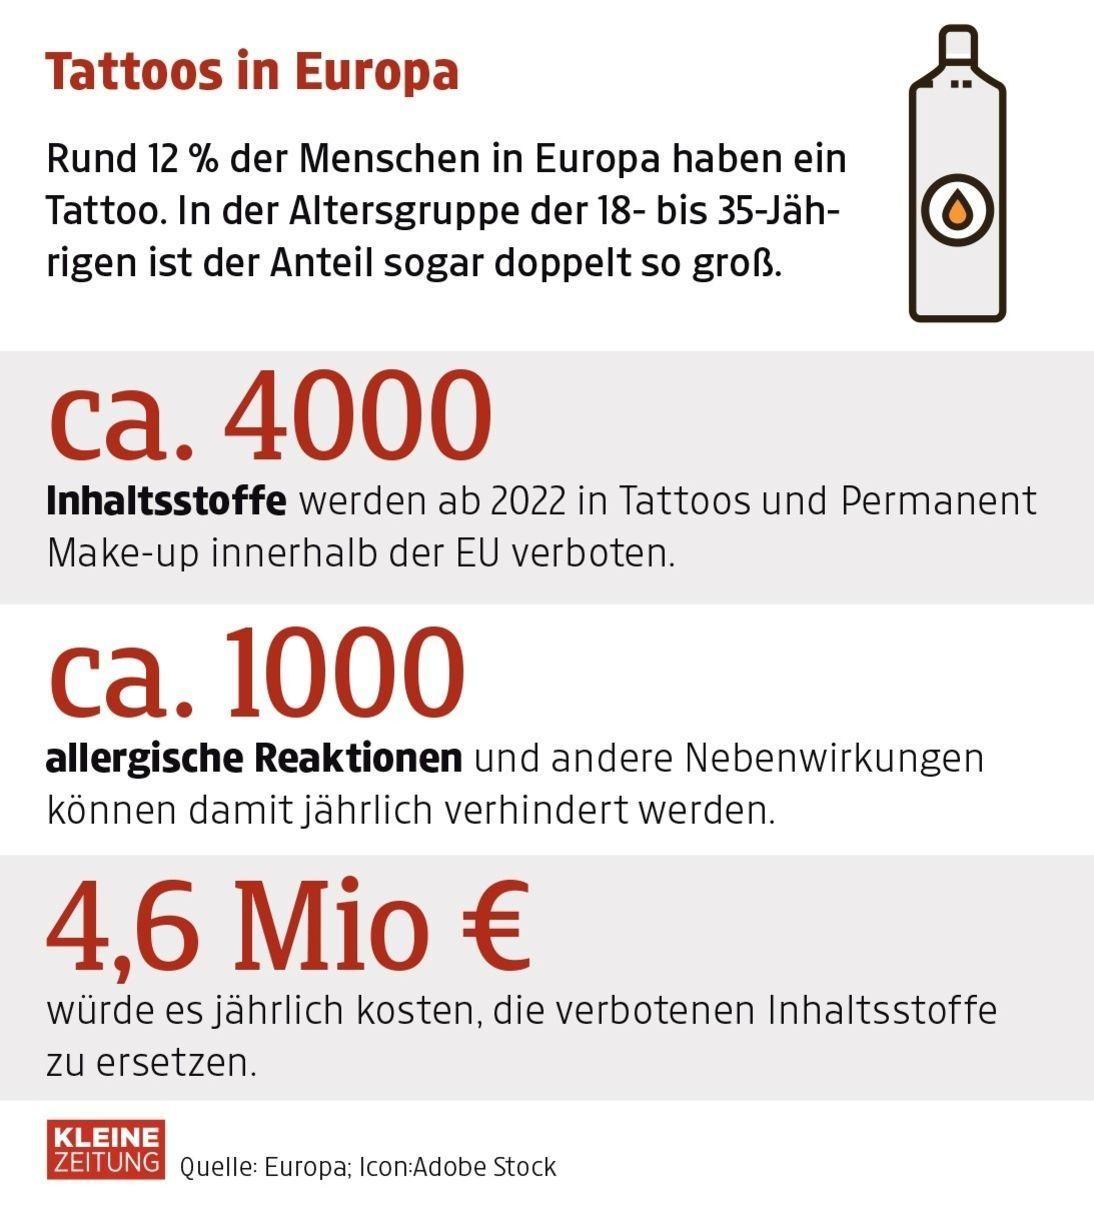 EU schränkt Tätowierungen ein